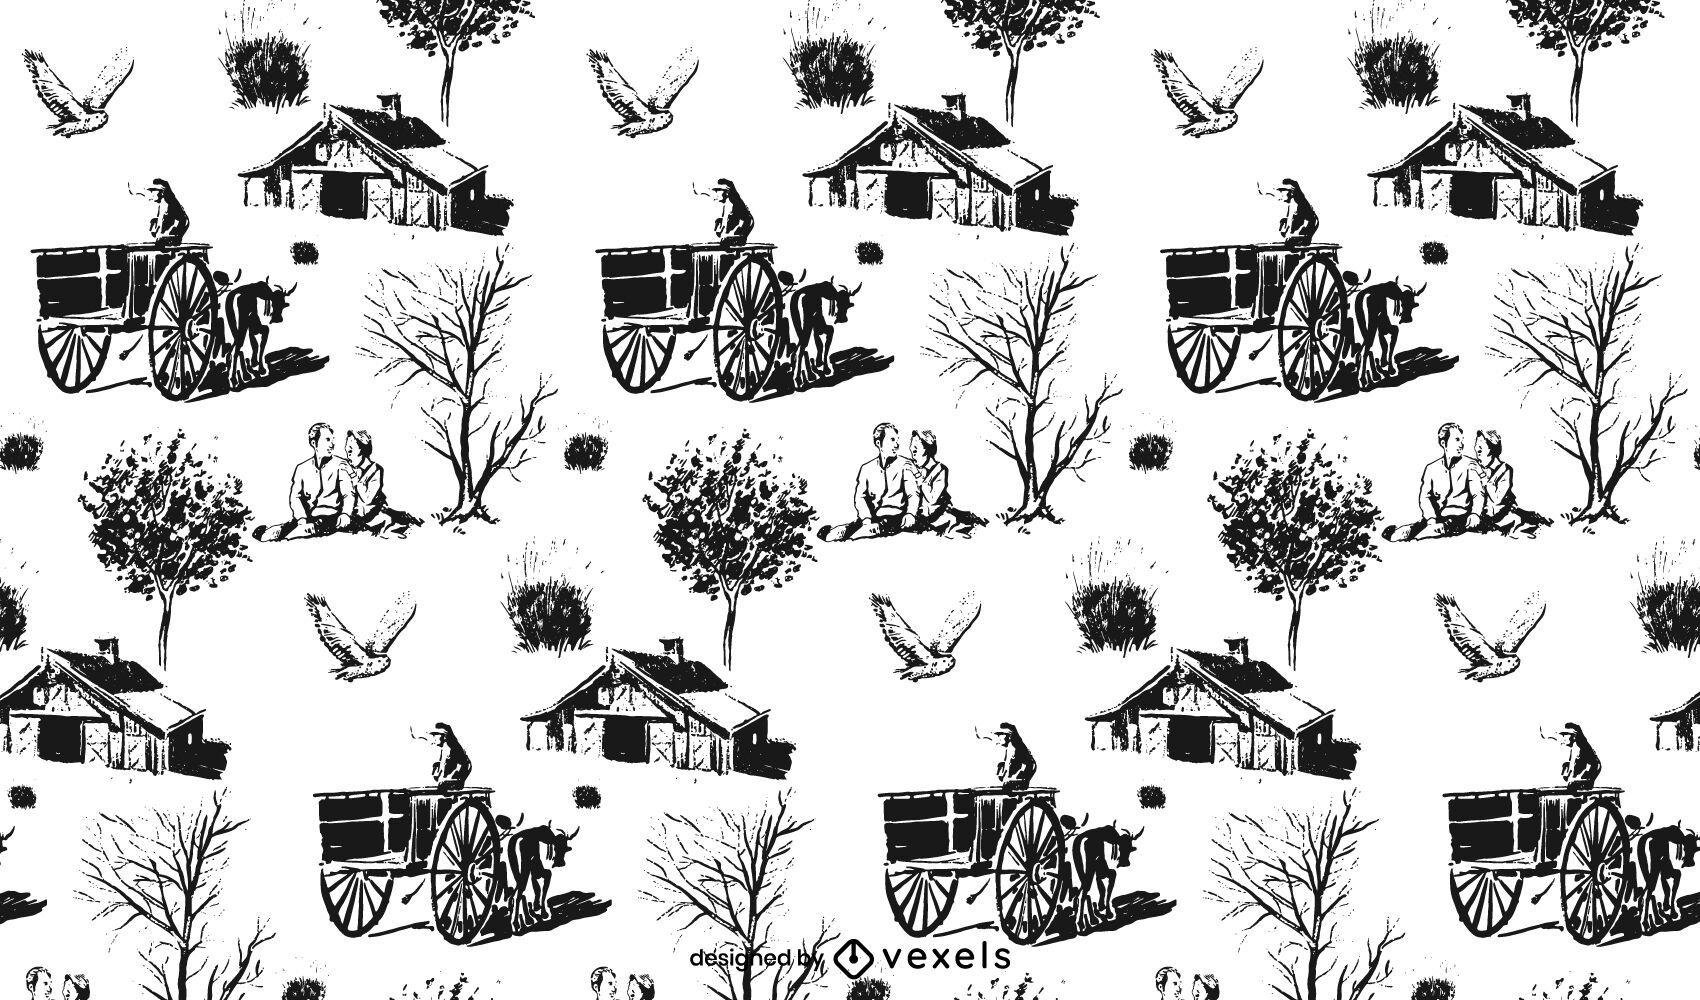 Desenho de padrão cottagecore desenhado à mão